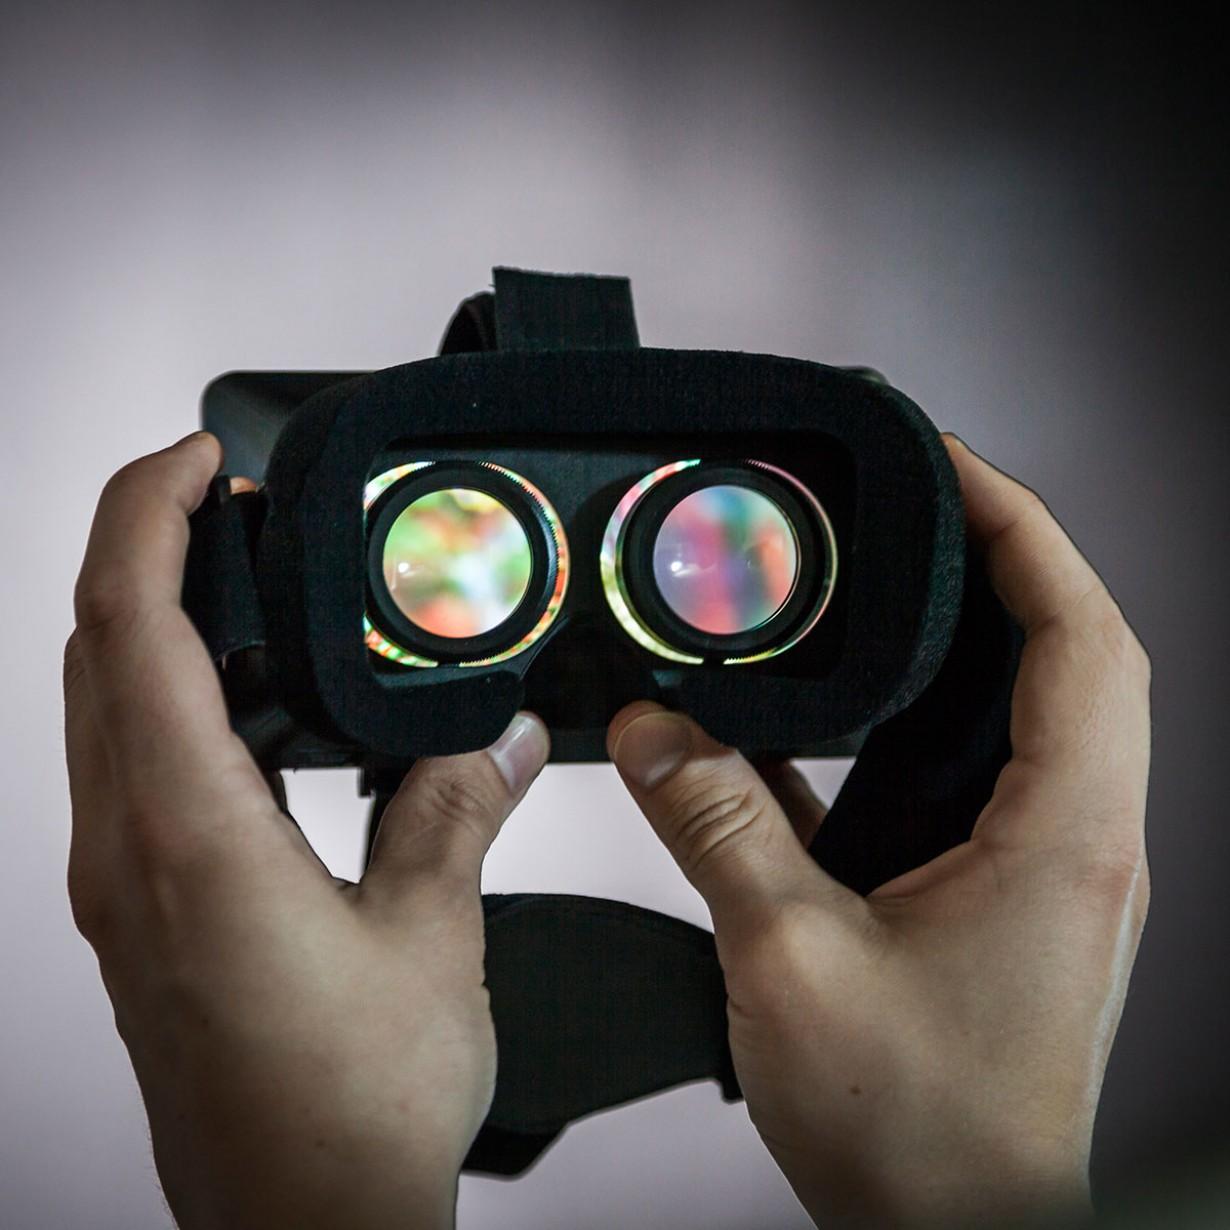 visore realta virtuale per smartphone lenti